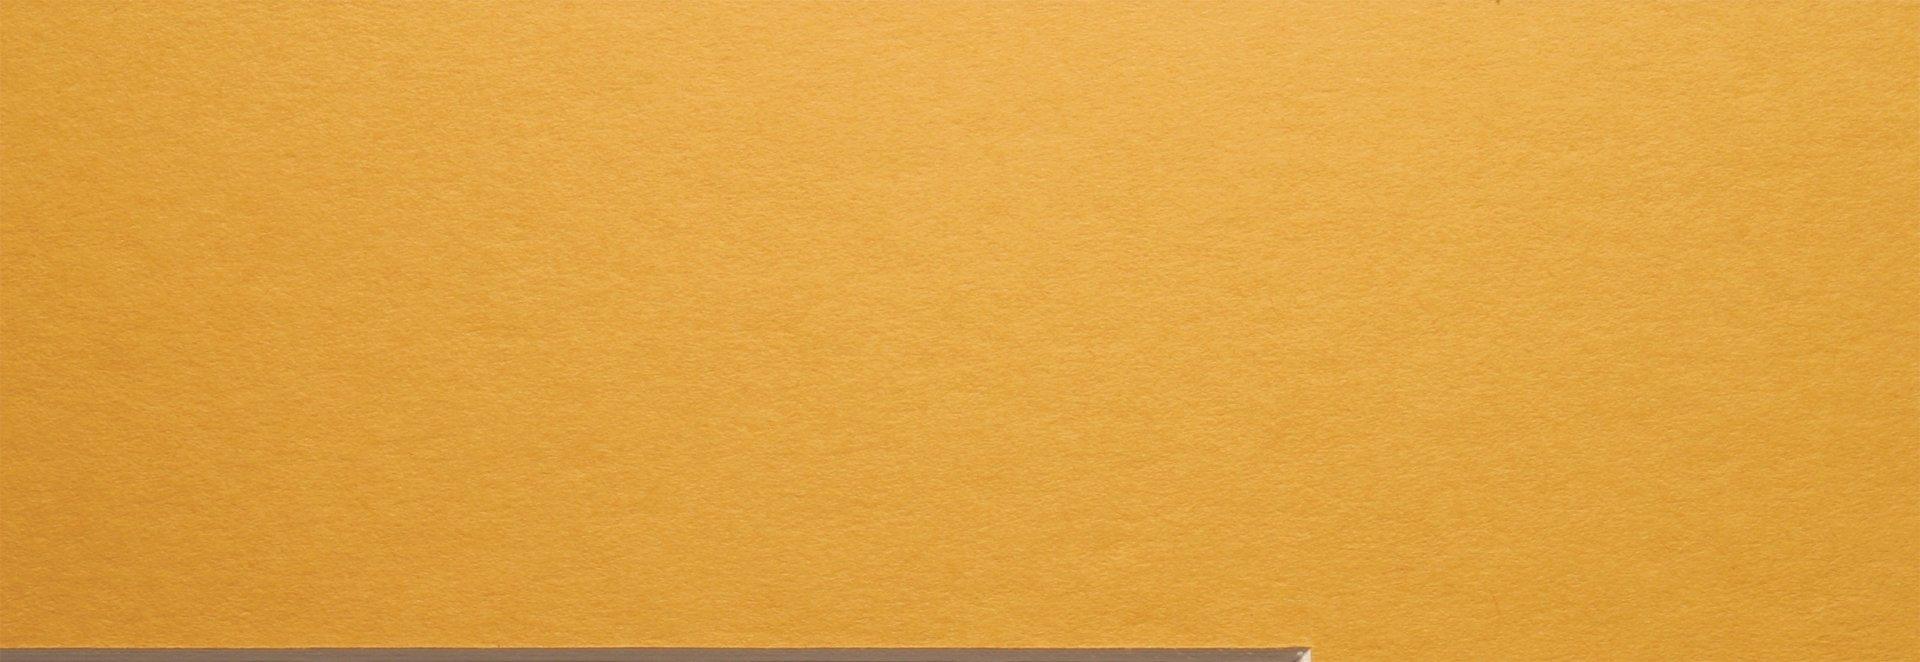 GSRM 3320 Saffron